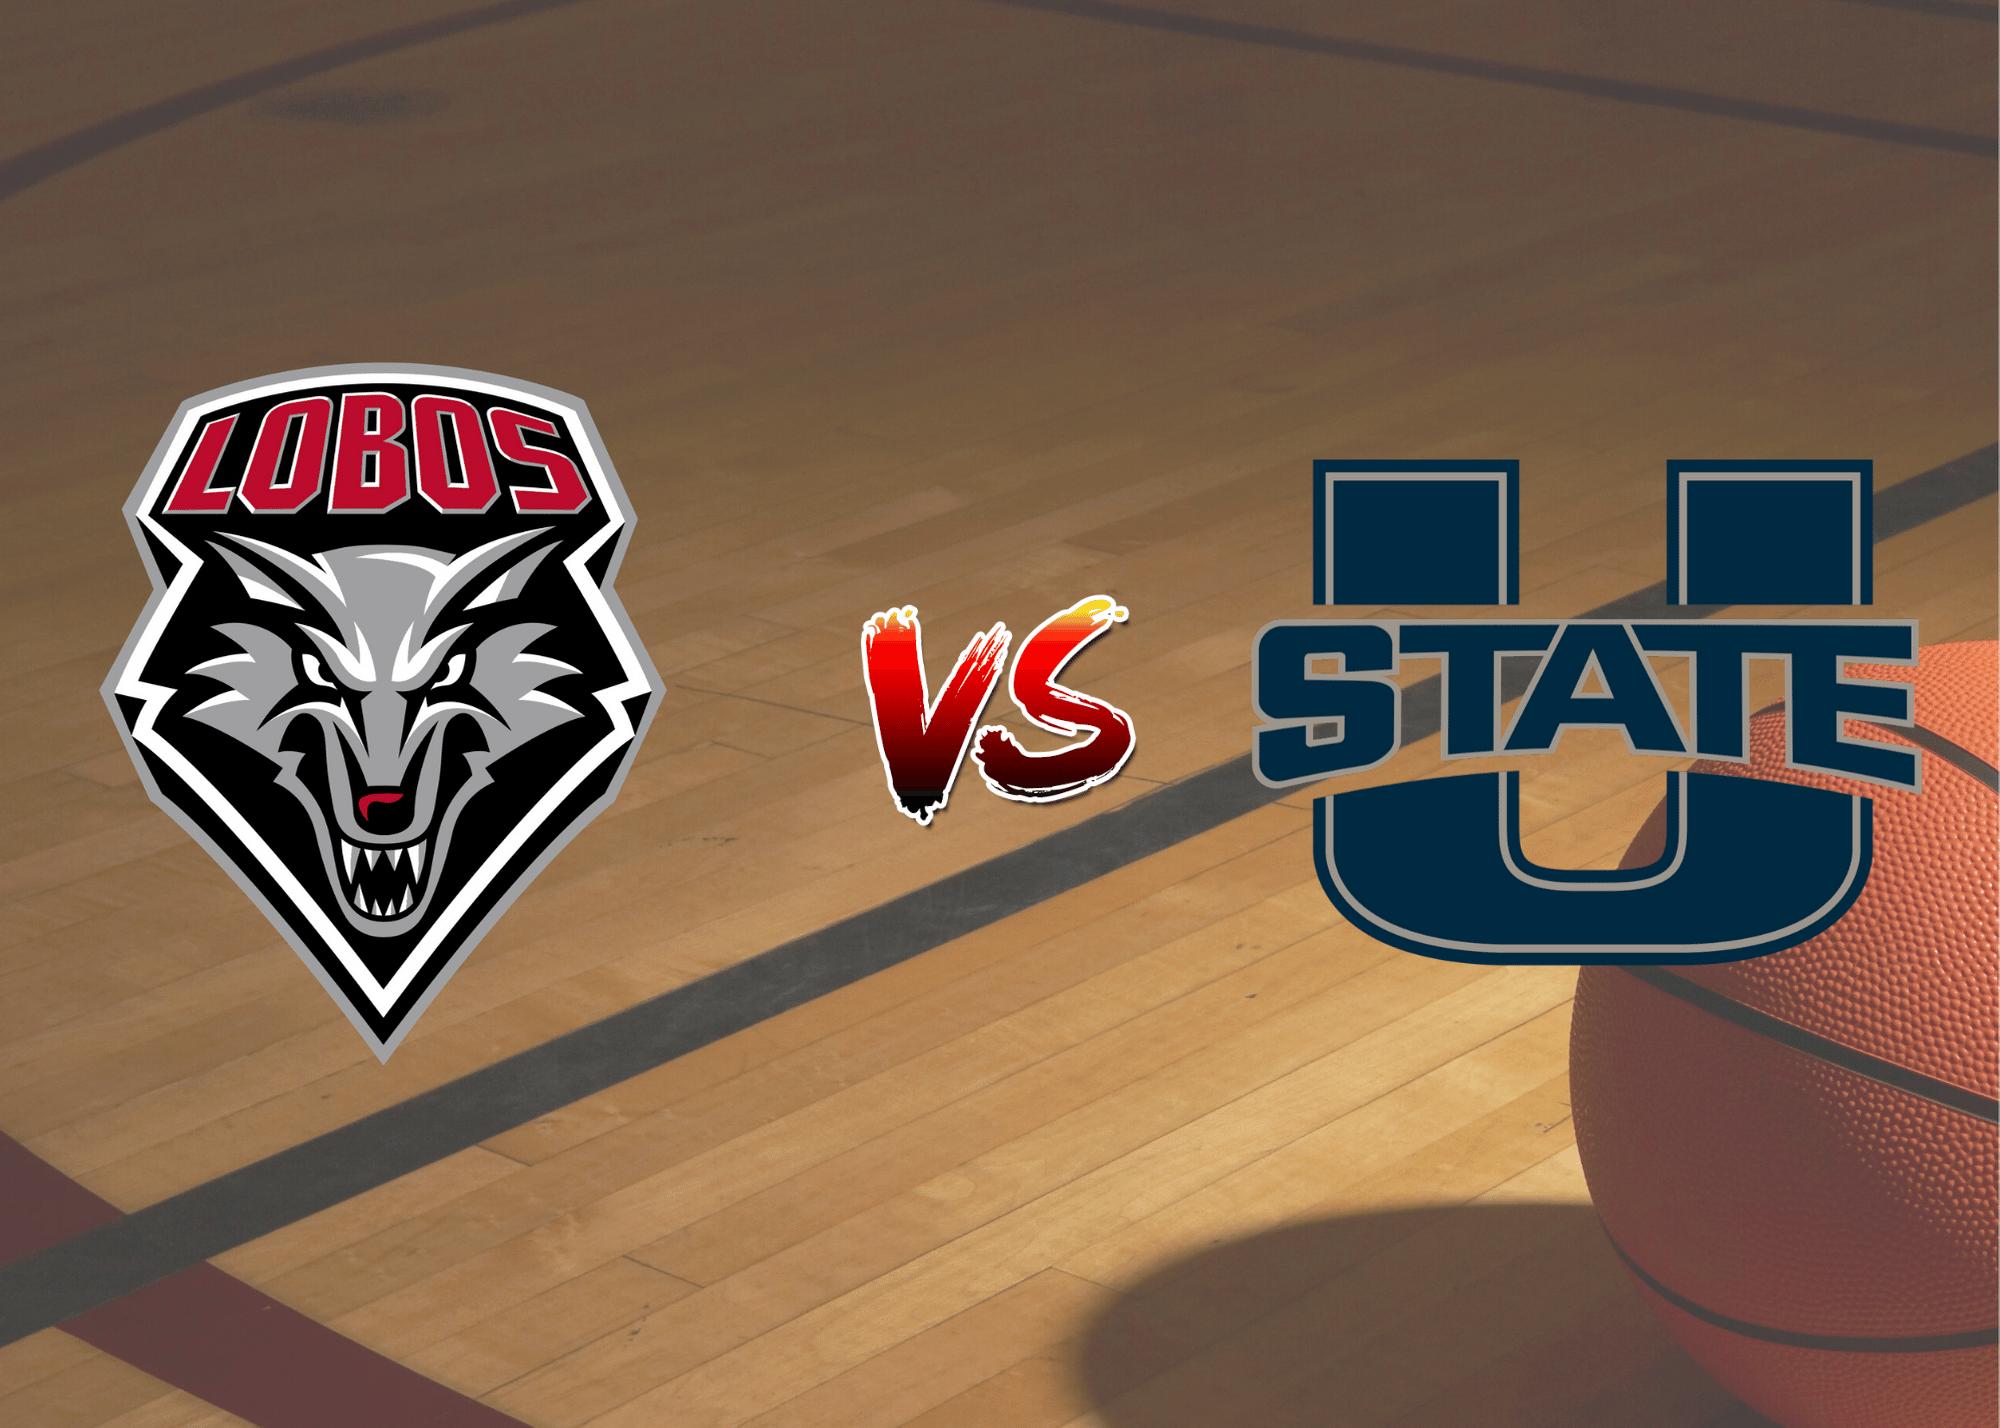 UNM Vs Utah State Basketball